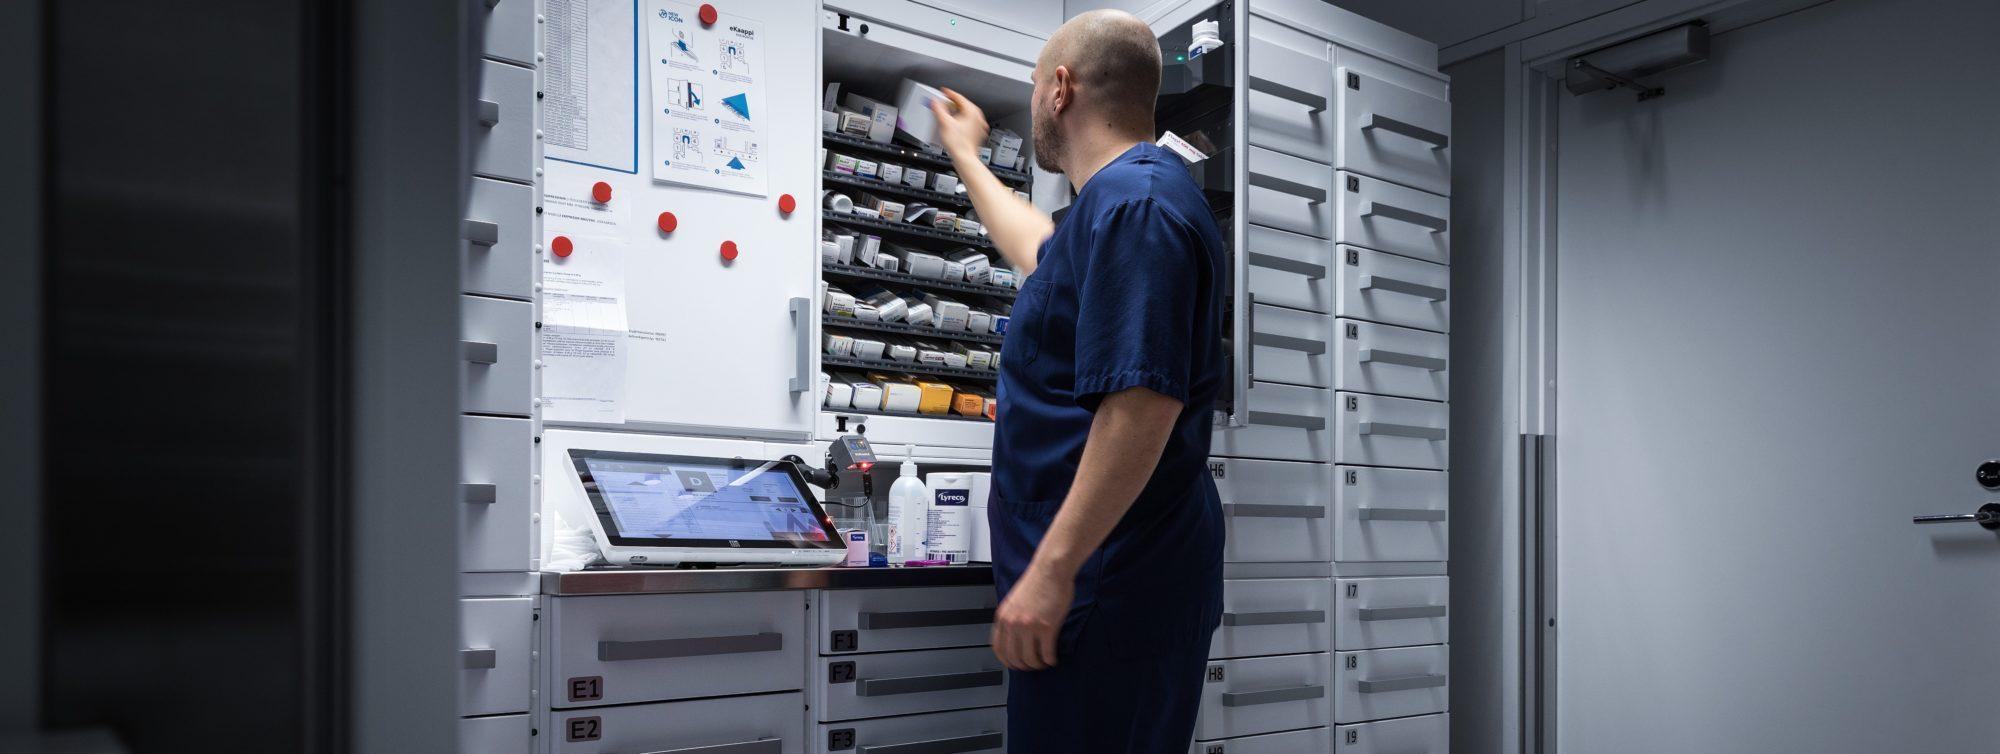 TIEDOTE: NewIcon avaa osakeannin – tähtäimessä aimo siivu miljardien eurojen arvoisesta lääkehuollon automaation markkinasta